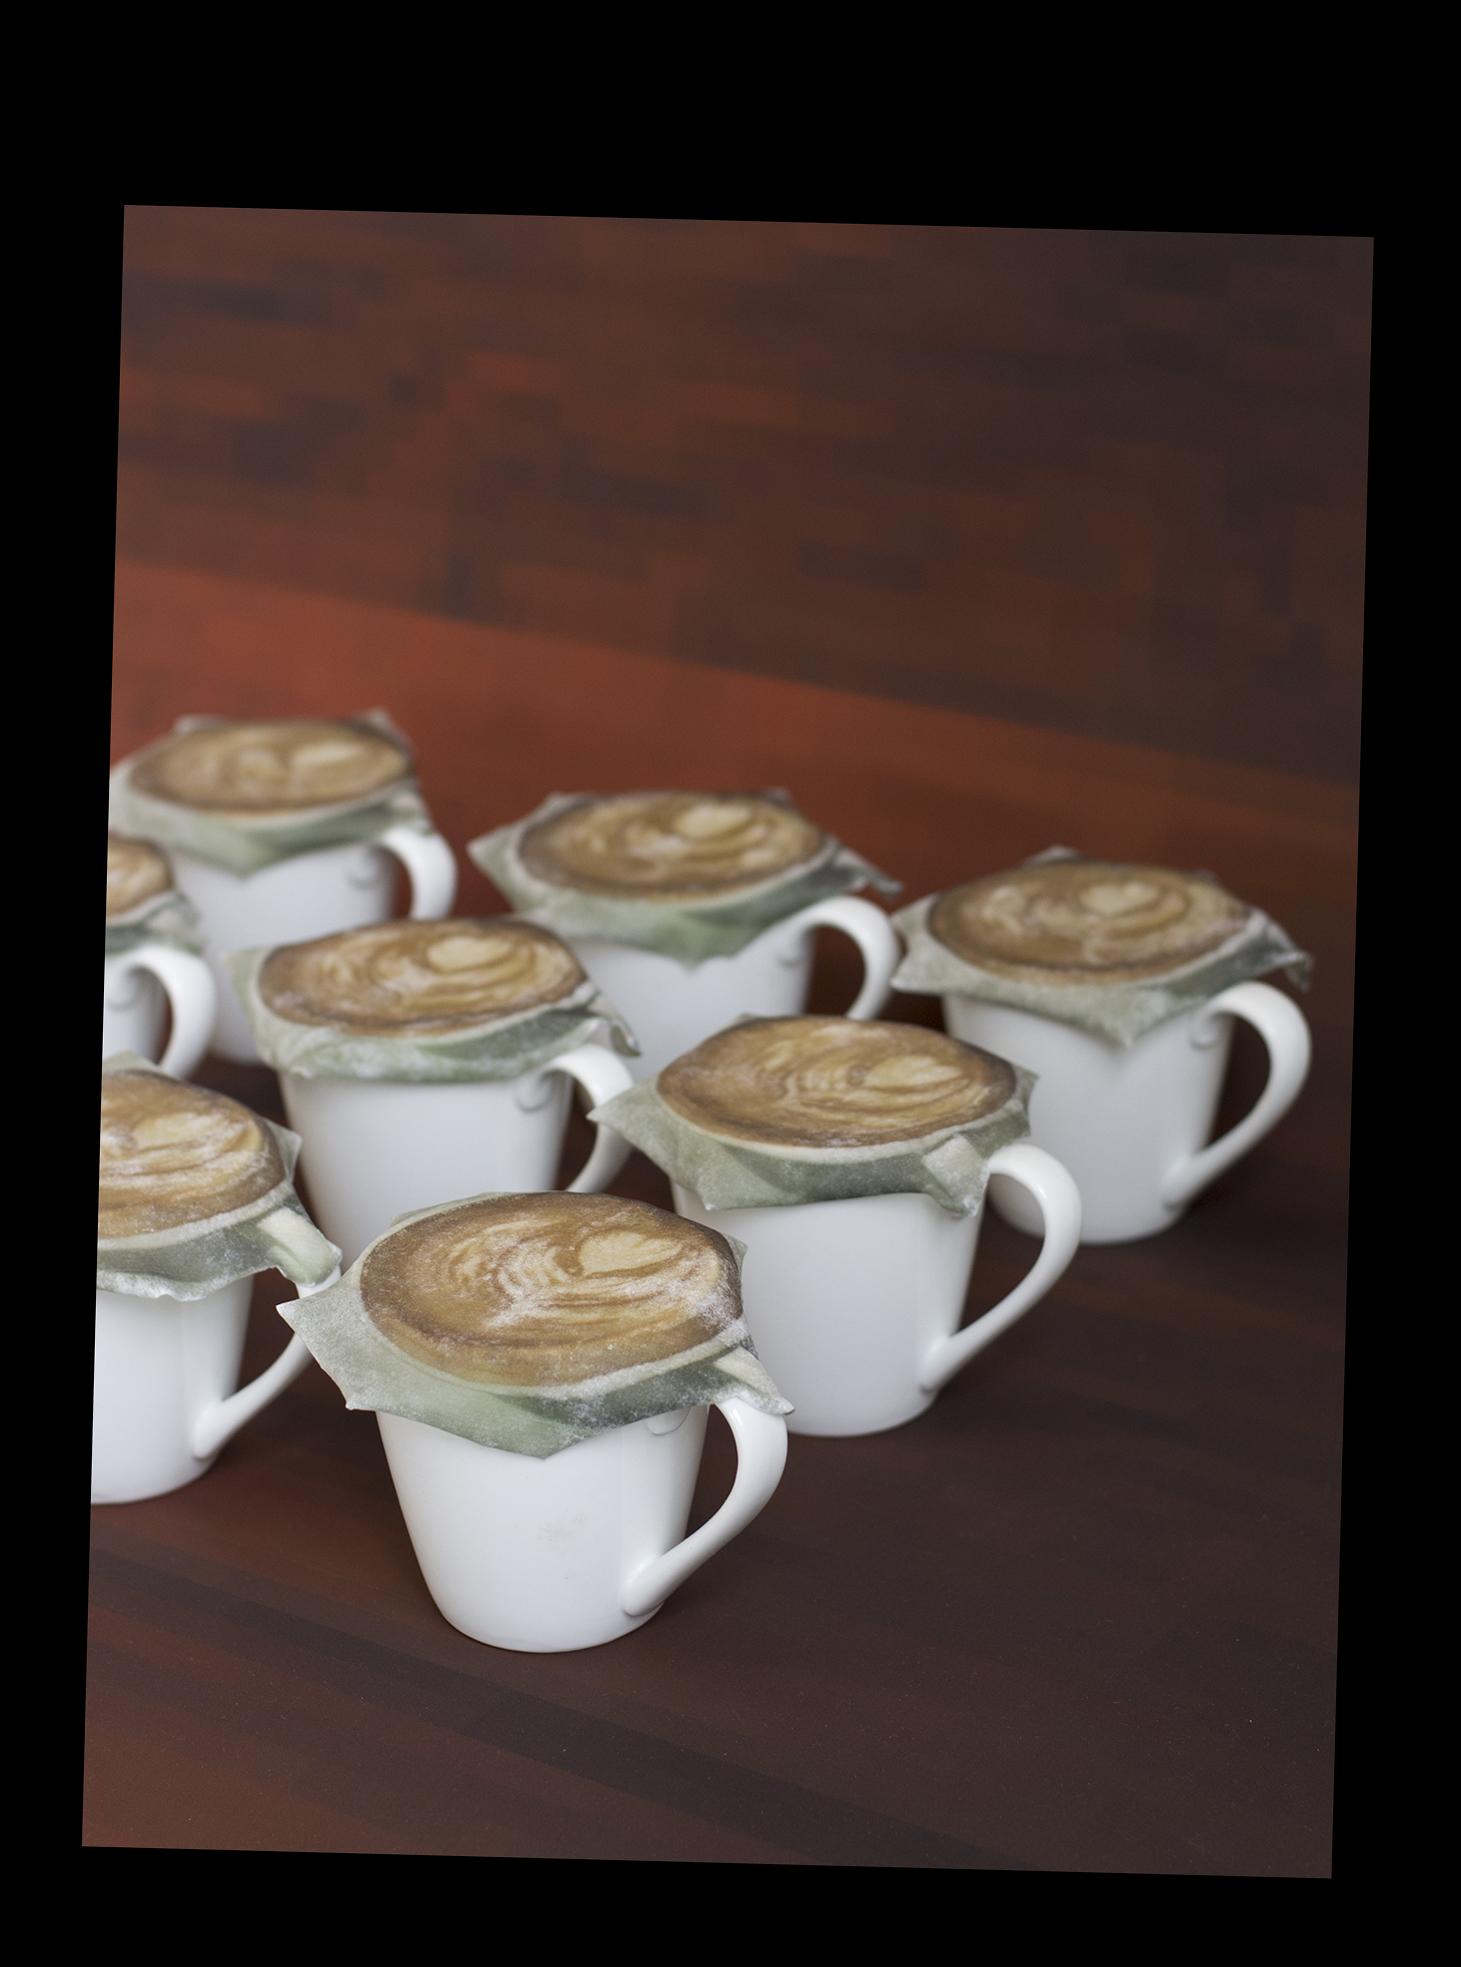 latte_new.jpg